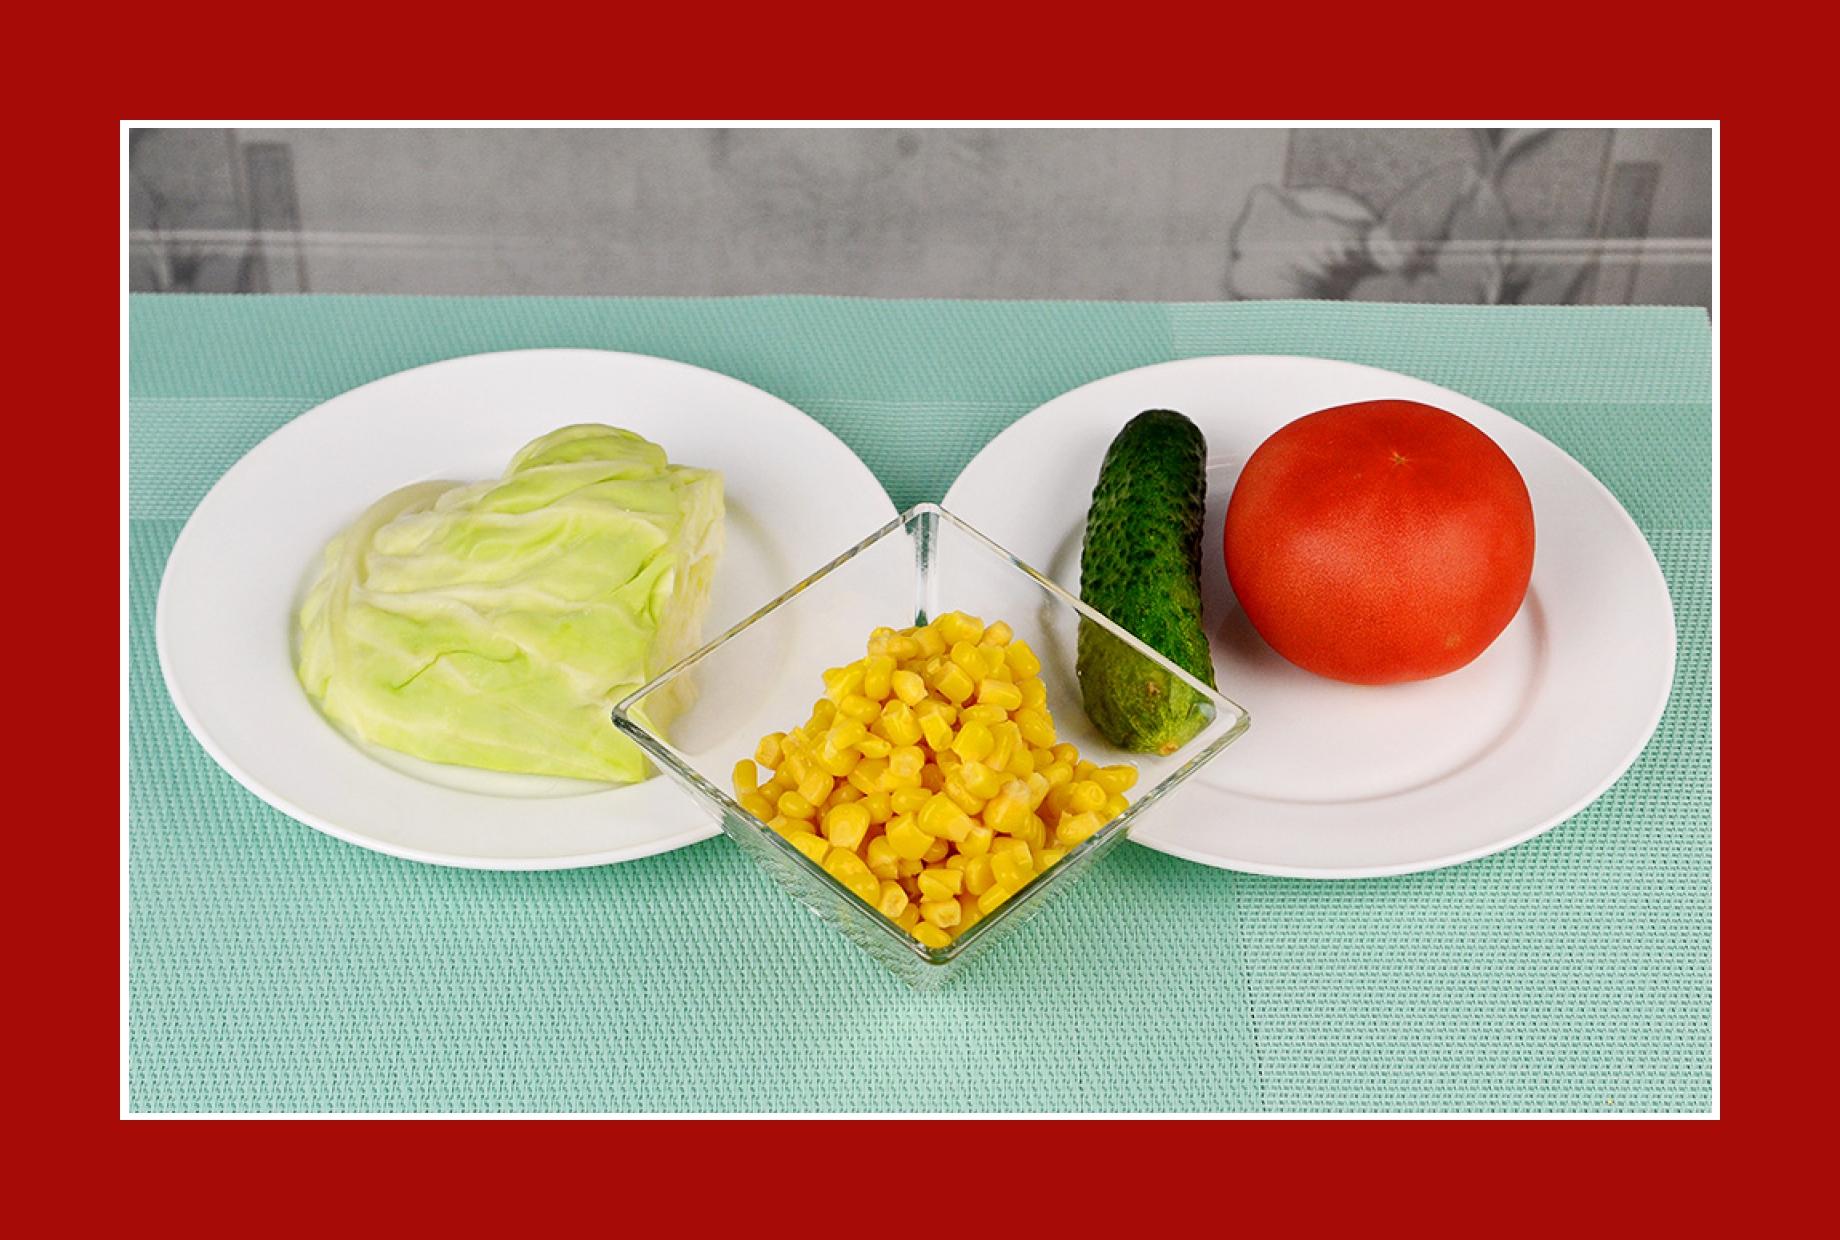 Grillsalat mit Gurken Tomaten Mais Kohl